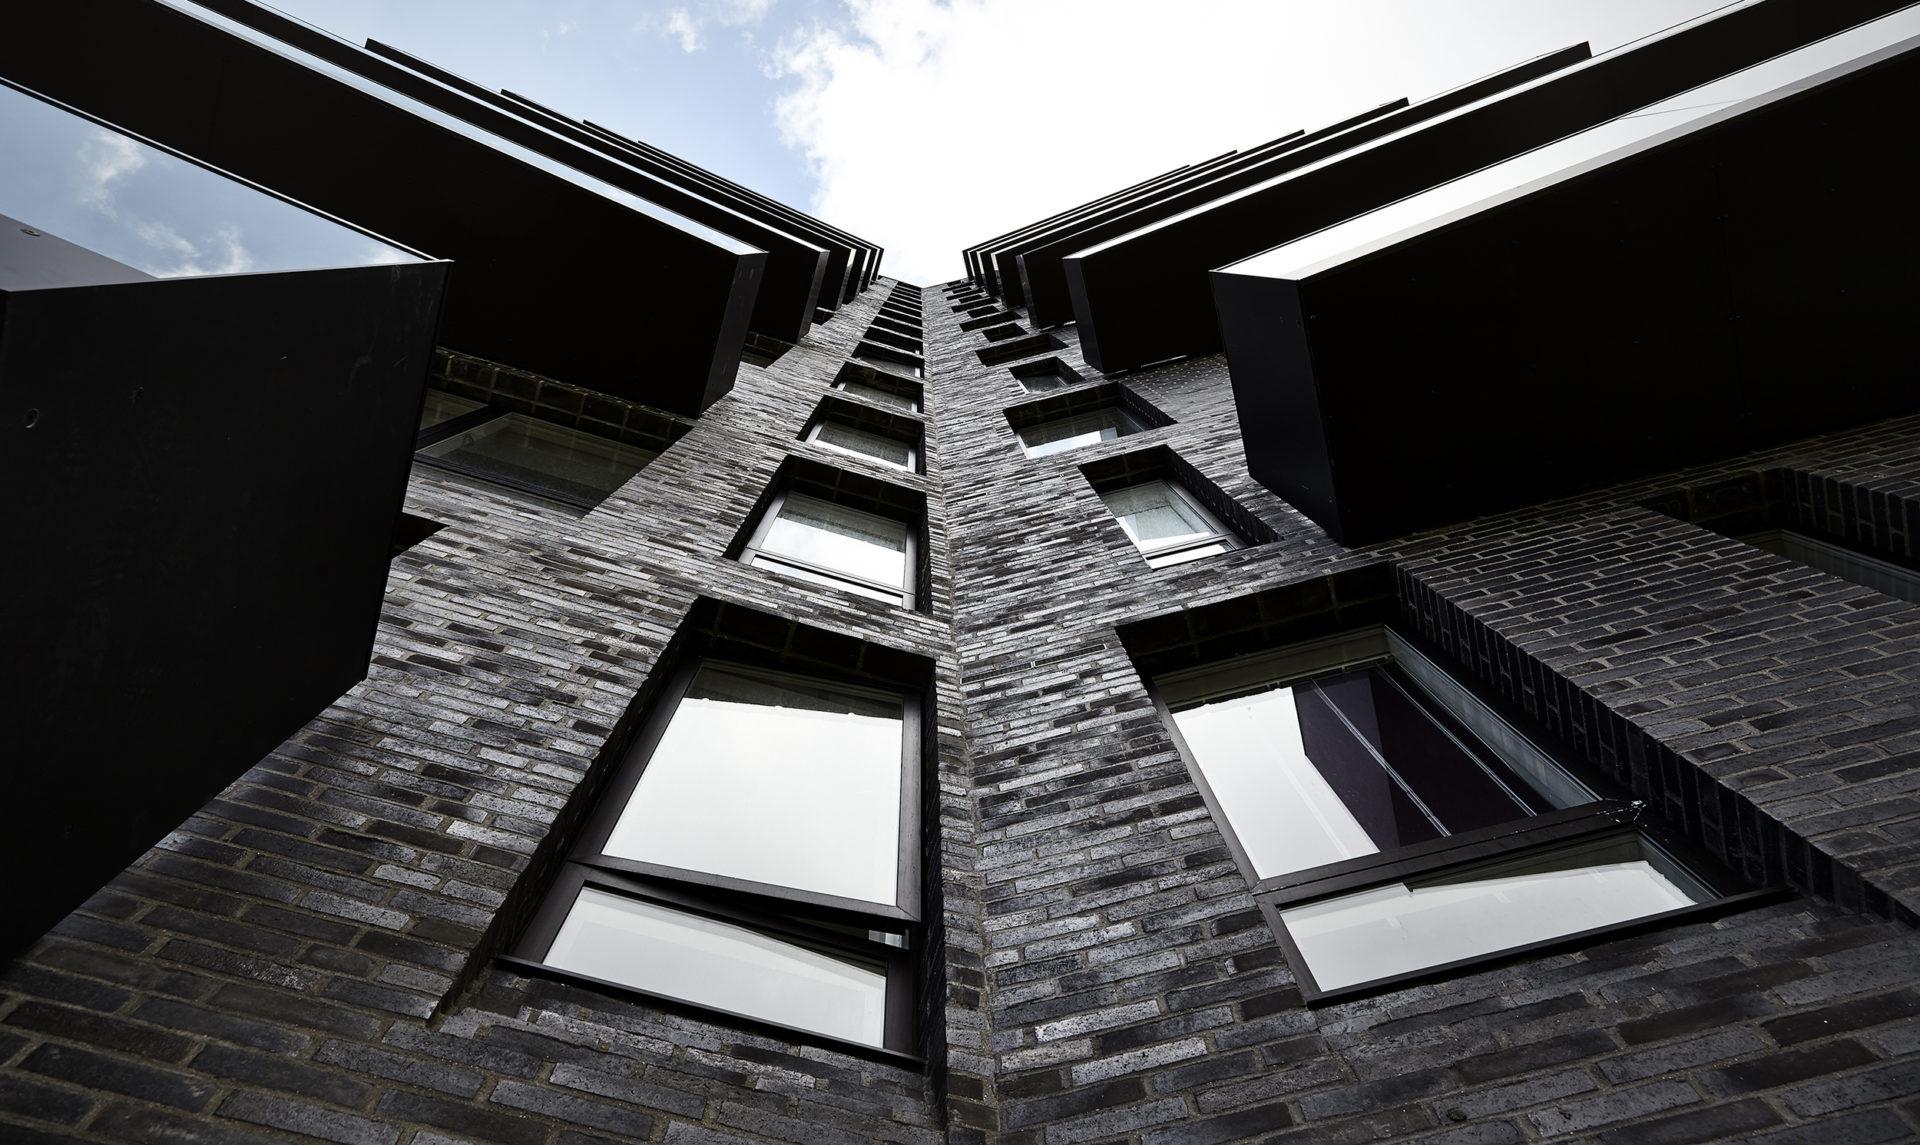 15 kerroksinen tornitalo mustalla tiiliverhoilulla on pakkansa ottava maamerkki